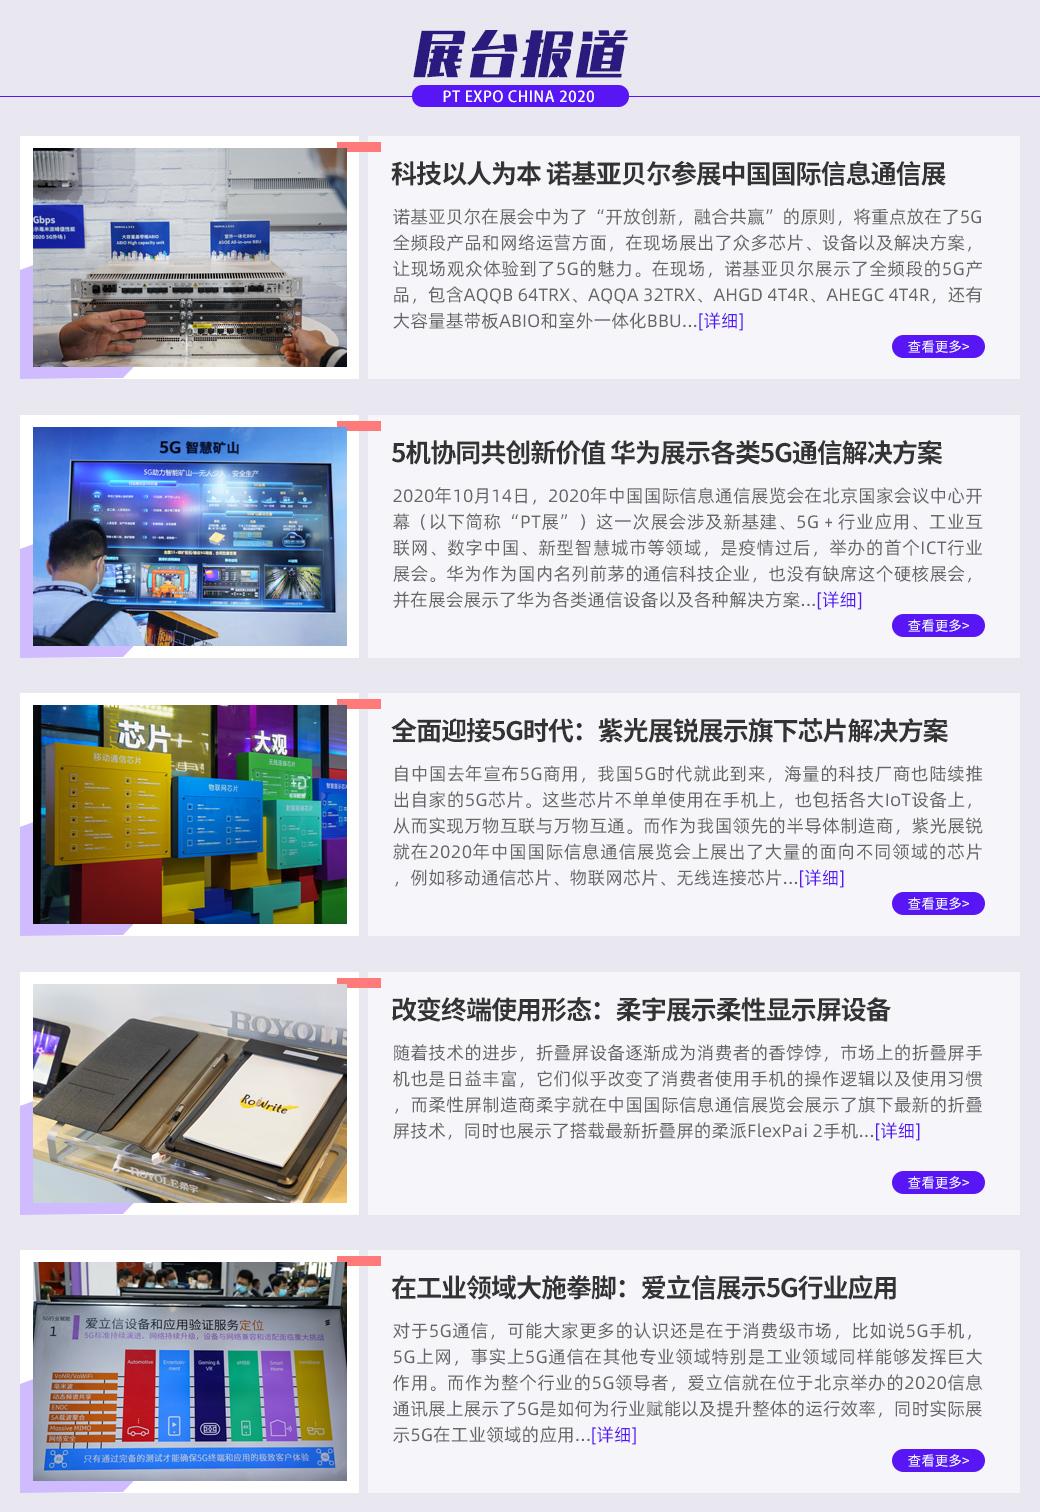 国际资讯_2020年中国国际信息通信展览会